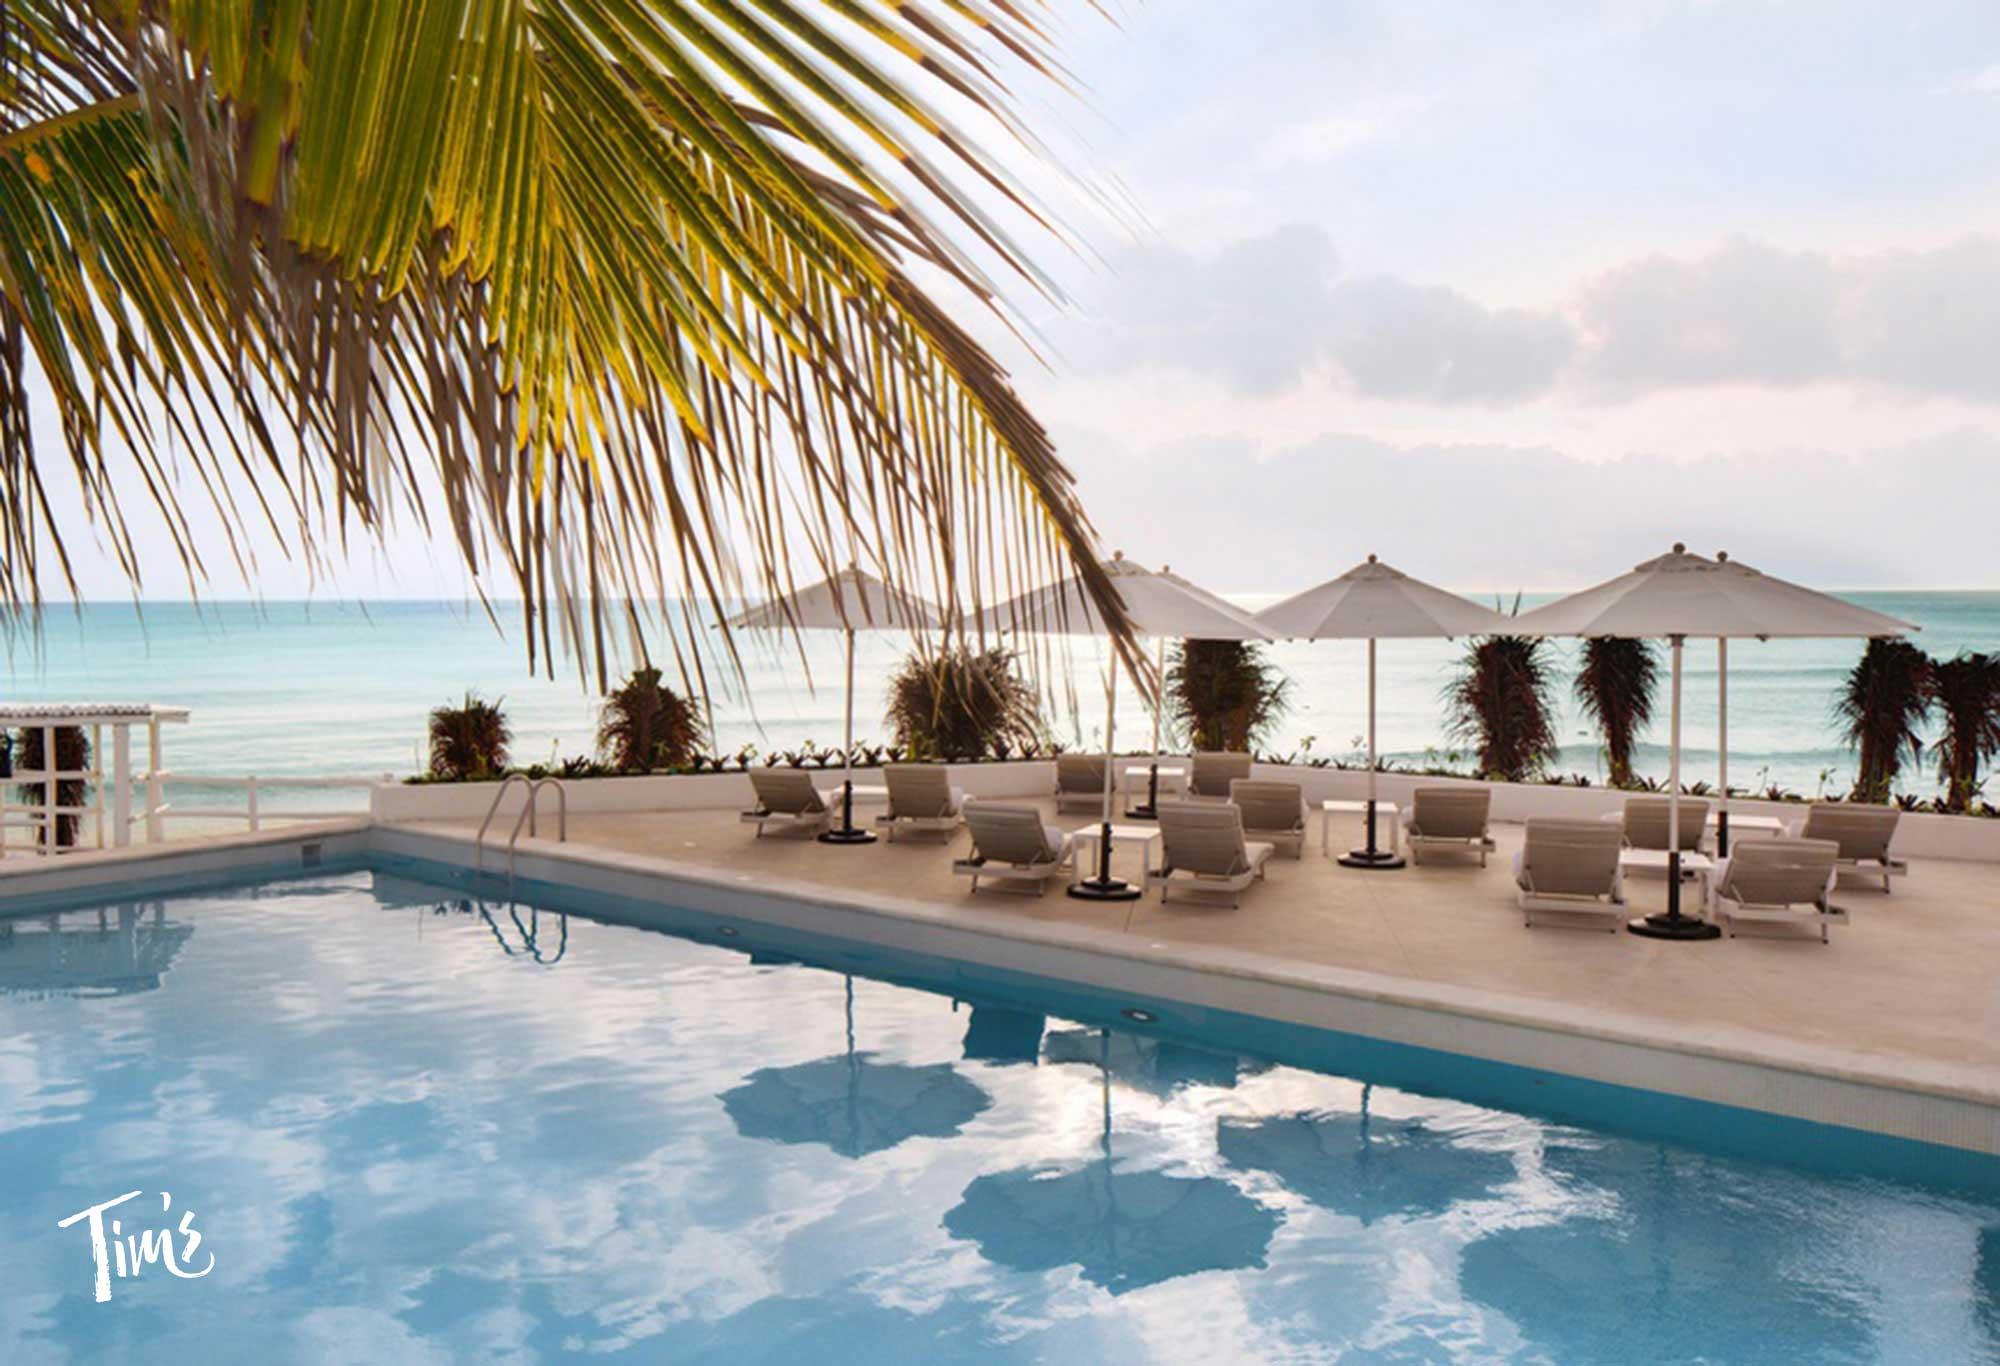 vrbo cancun pool